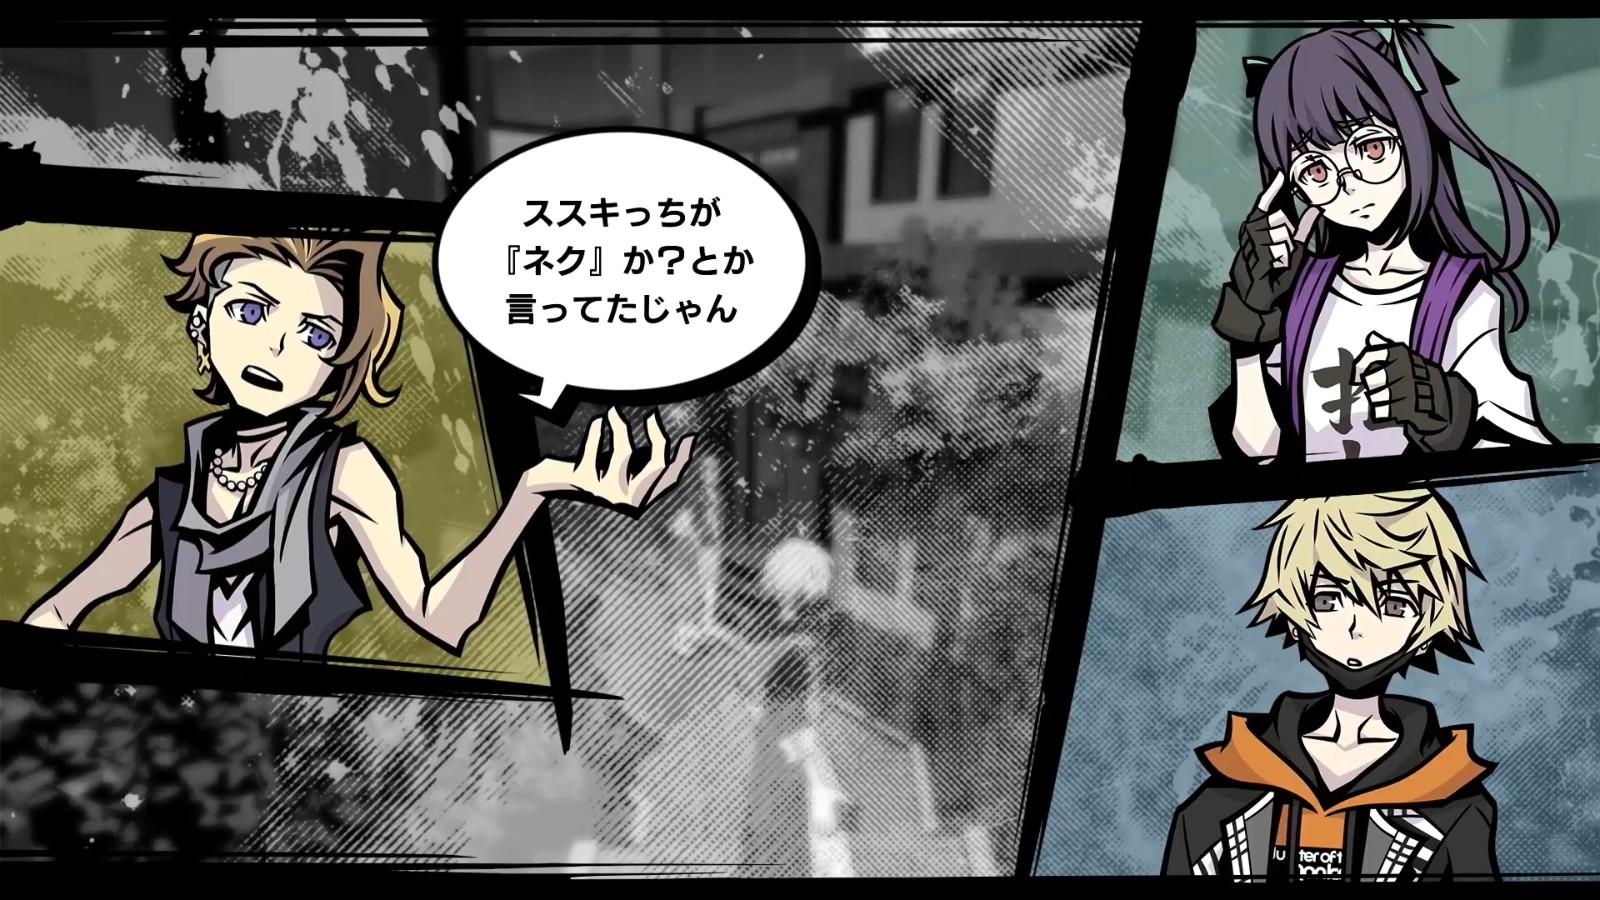 《新美妙世界》TV动画联动CM释出 于涩谷展开死神游戏